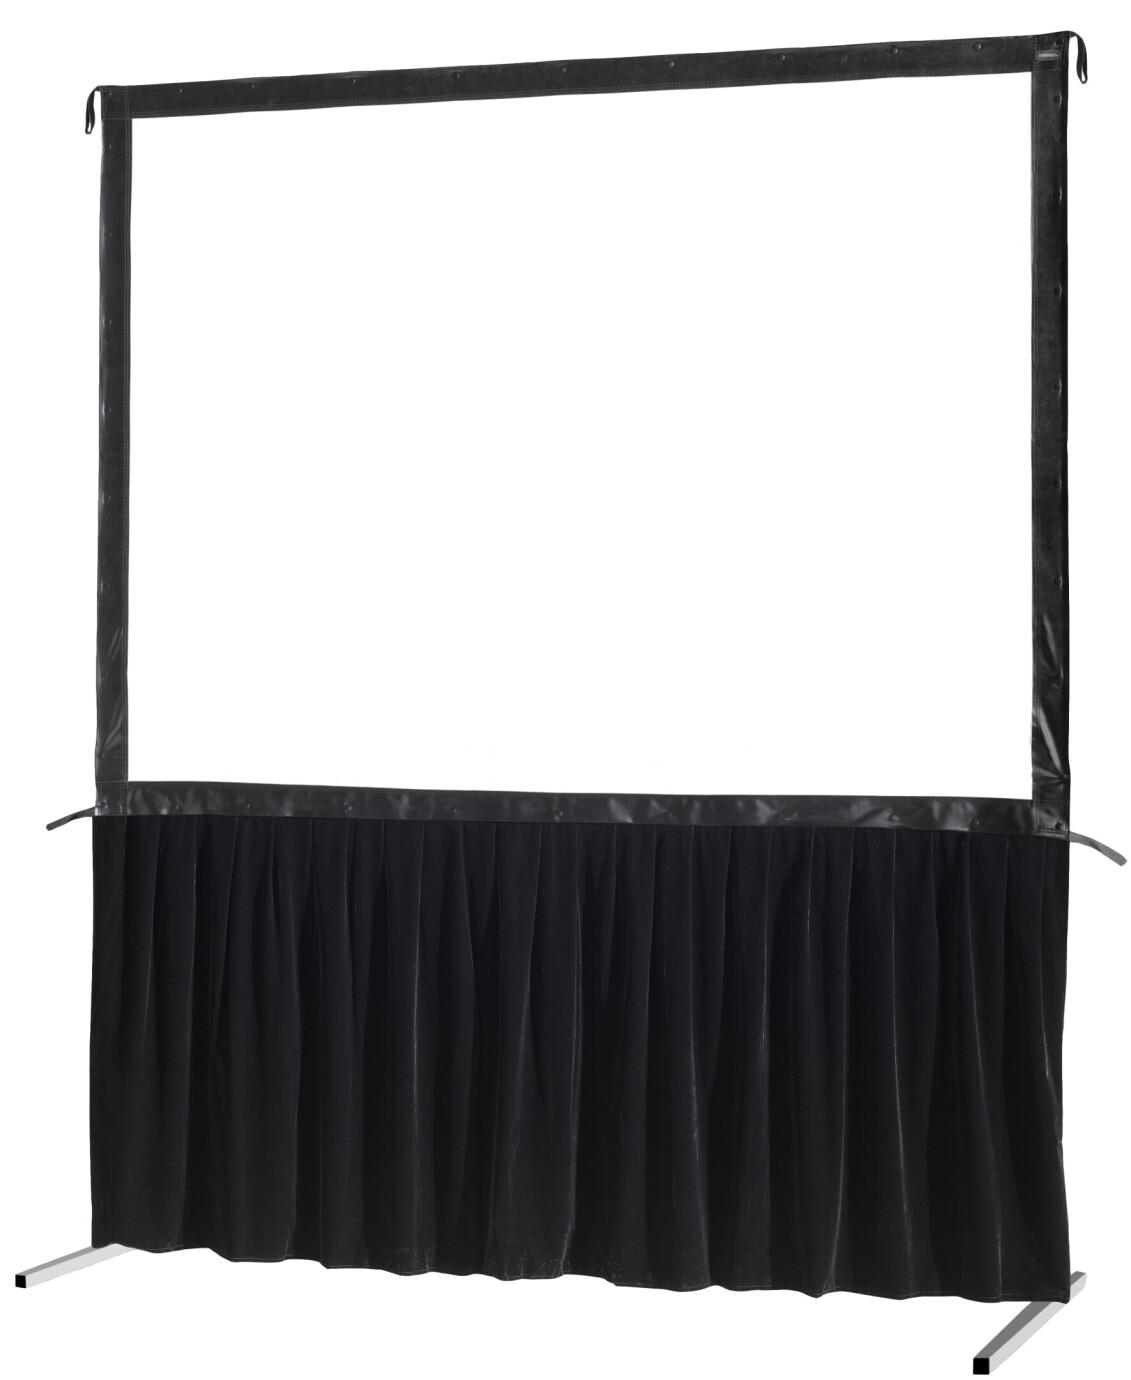 celexon 1-Piece Drape Skirt for Folding Frame Mobile Expert - 203 x 127cm